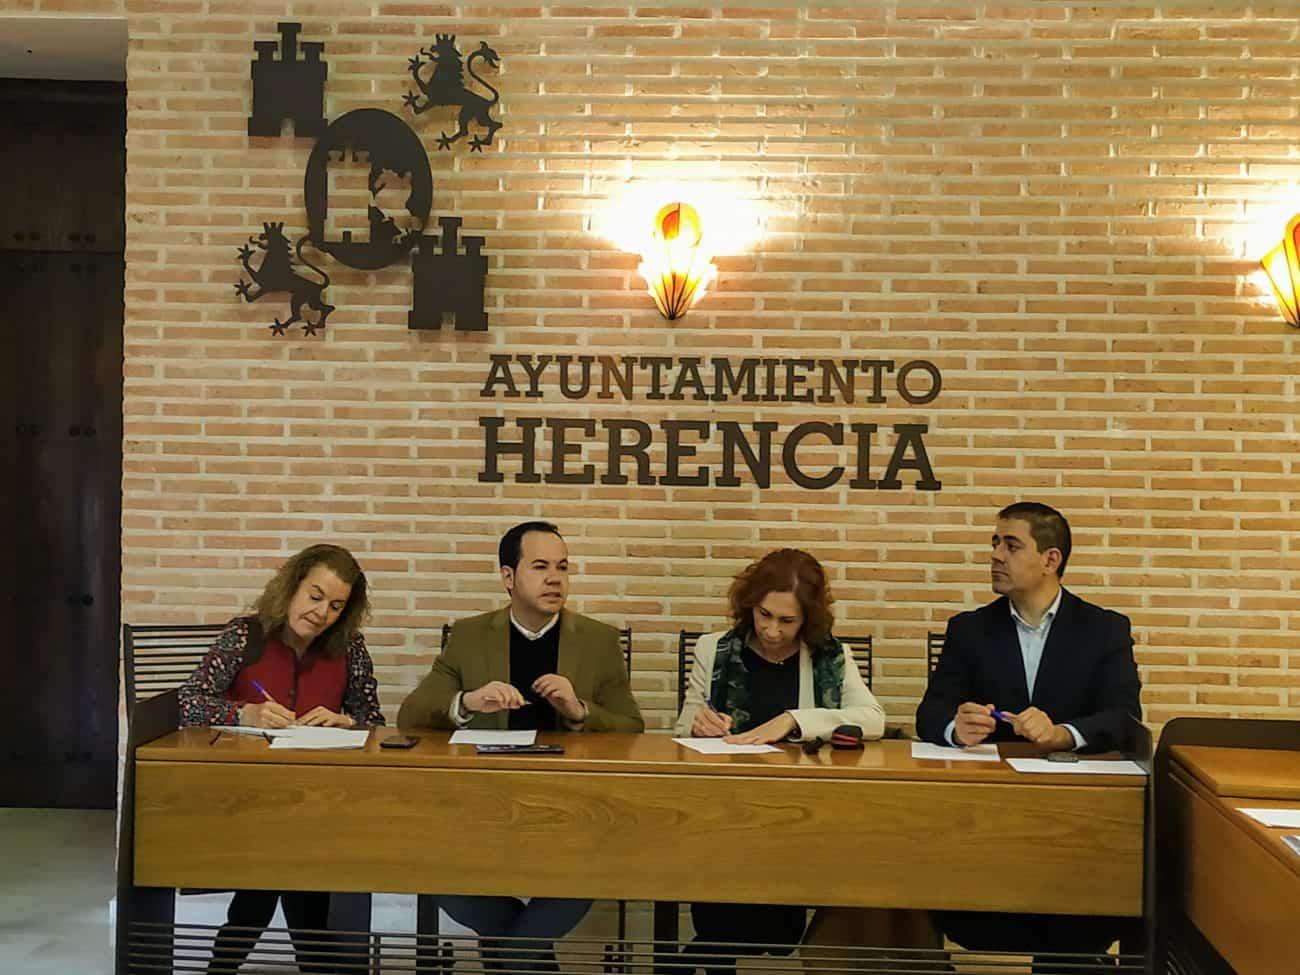 Junta local de seguridad carnaval de Herencia2 - Preparado el dispositivo de seguridad para el Carnaval de Herencia